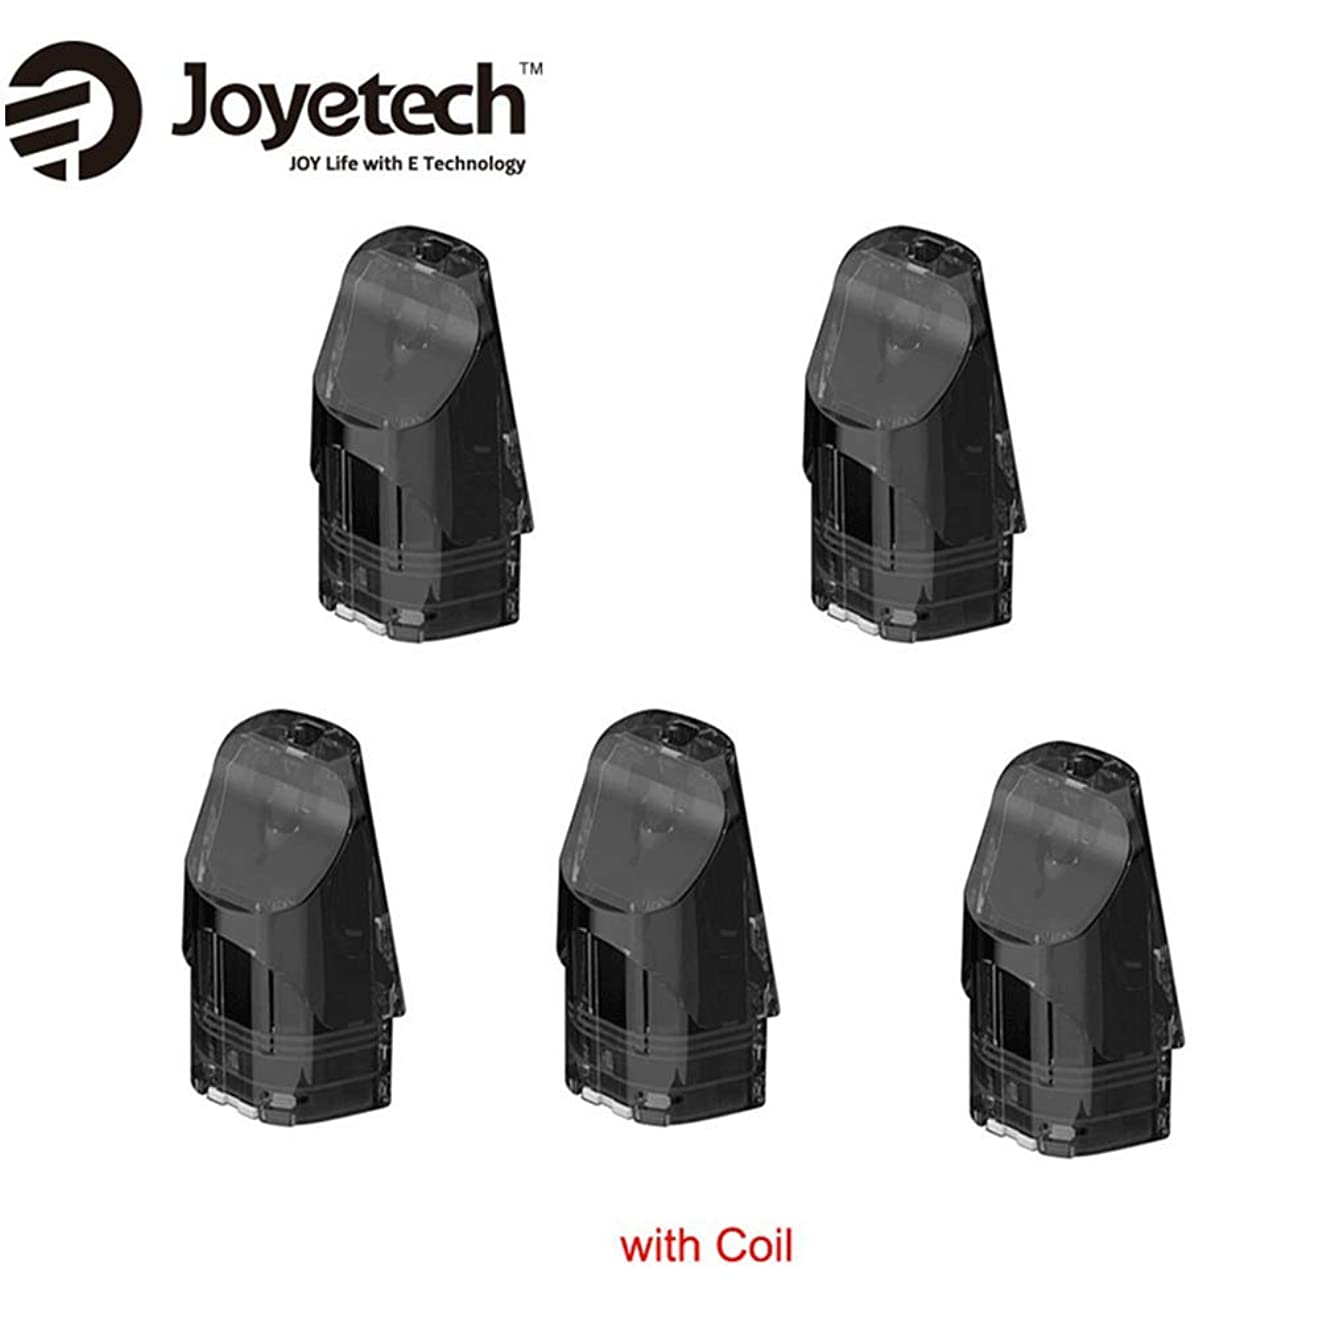 二度フクロウテクニカル正規品Joyetech Exceed Edge Podカートリッジ 2ml 内蔵1.2ohmコイル 5個セット 1パック